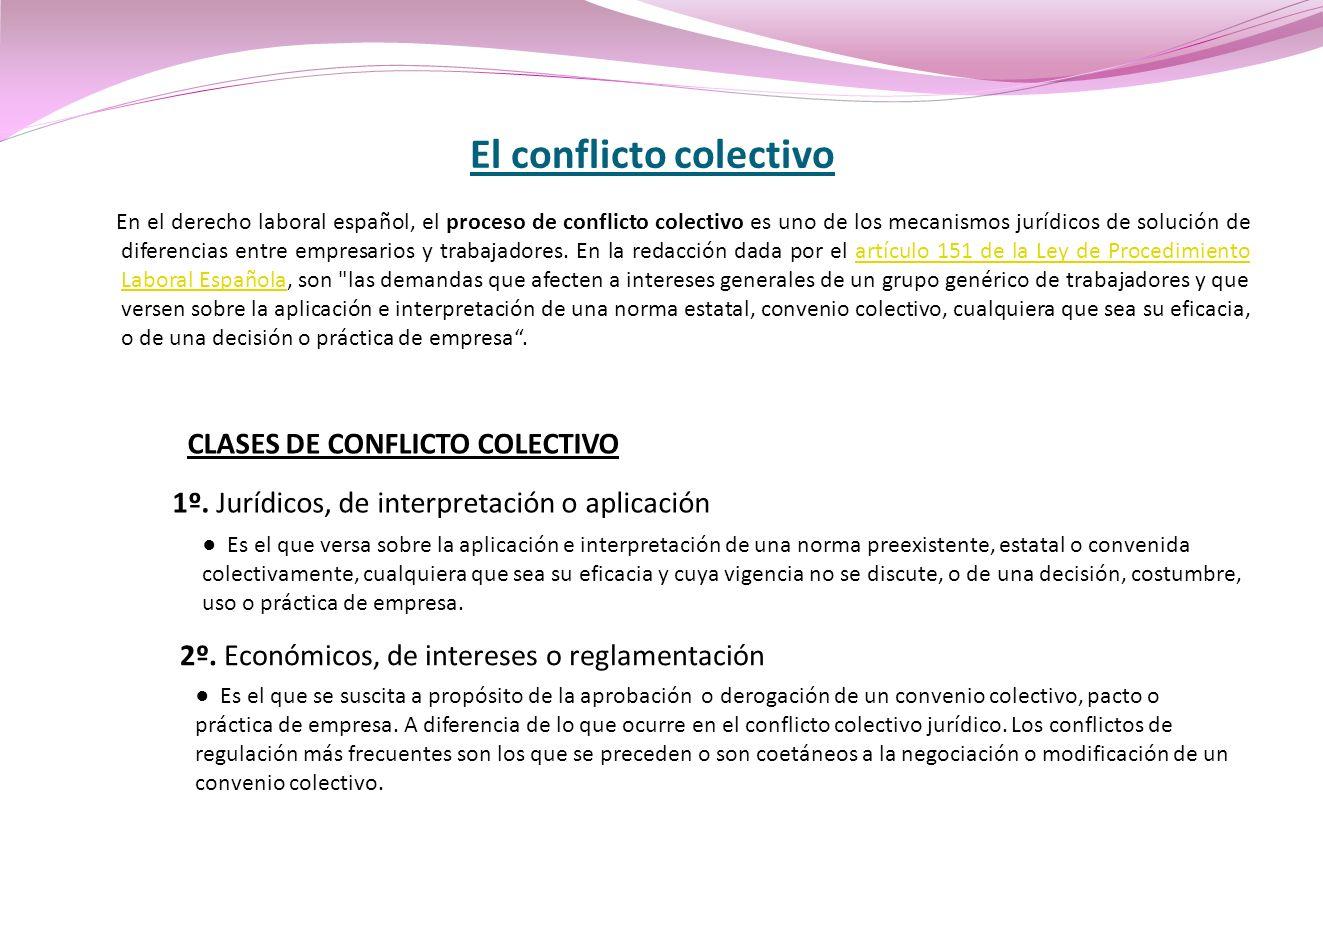 El conflicto colectivo En el derecho laboral español, el proceso de conflicto colectivo es uno de los mecanismos jurídicos de solución de diferencias